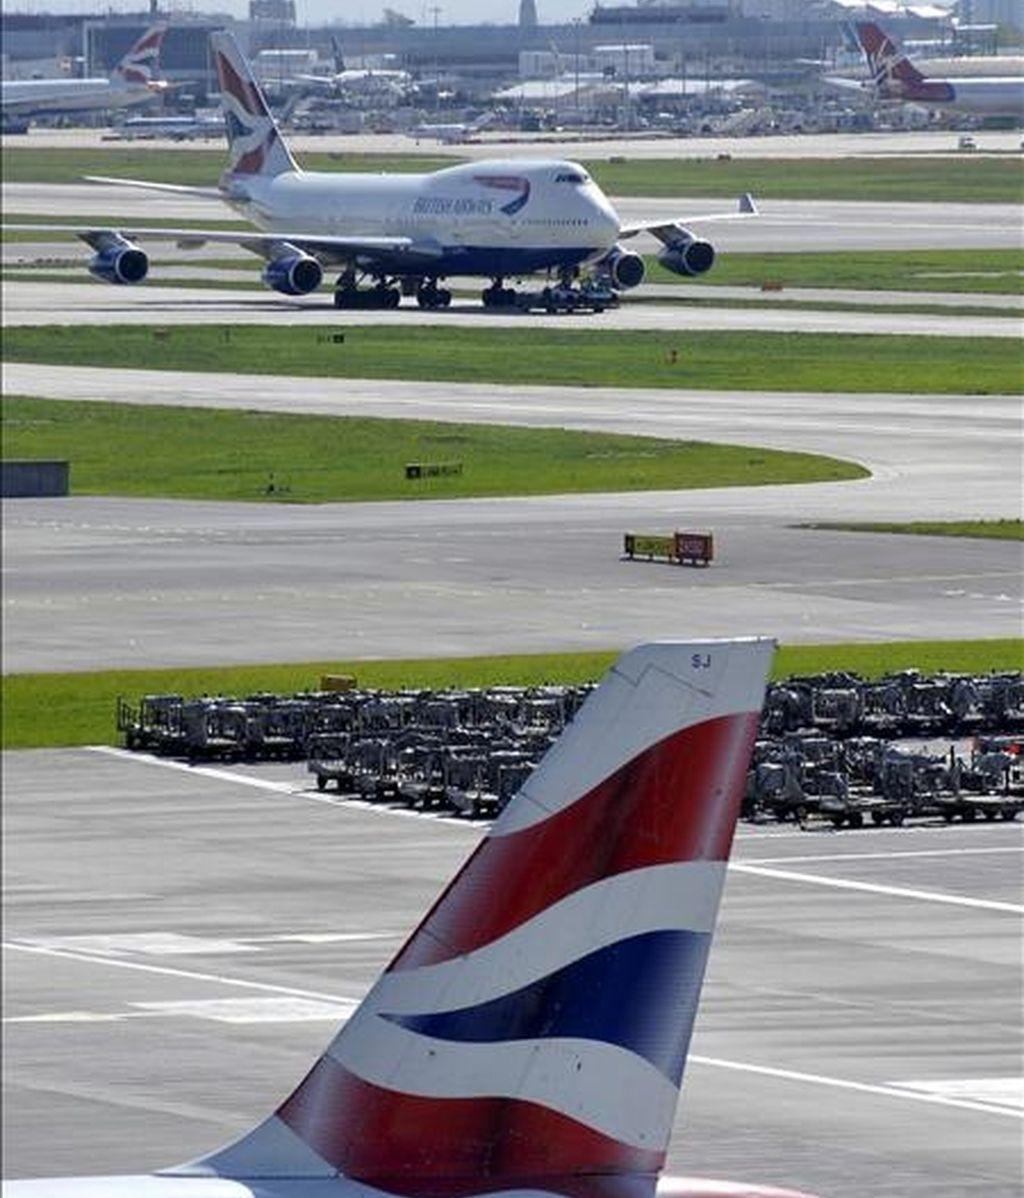 Un avión de la aerolínea British Airways aterriza en el aeropuerto de Heathrow, en Londres, Reino Unido. EFE/Archivo